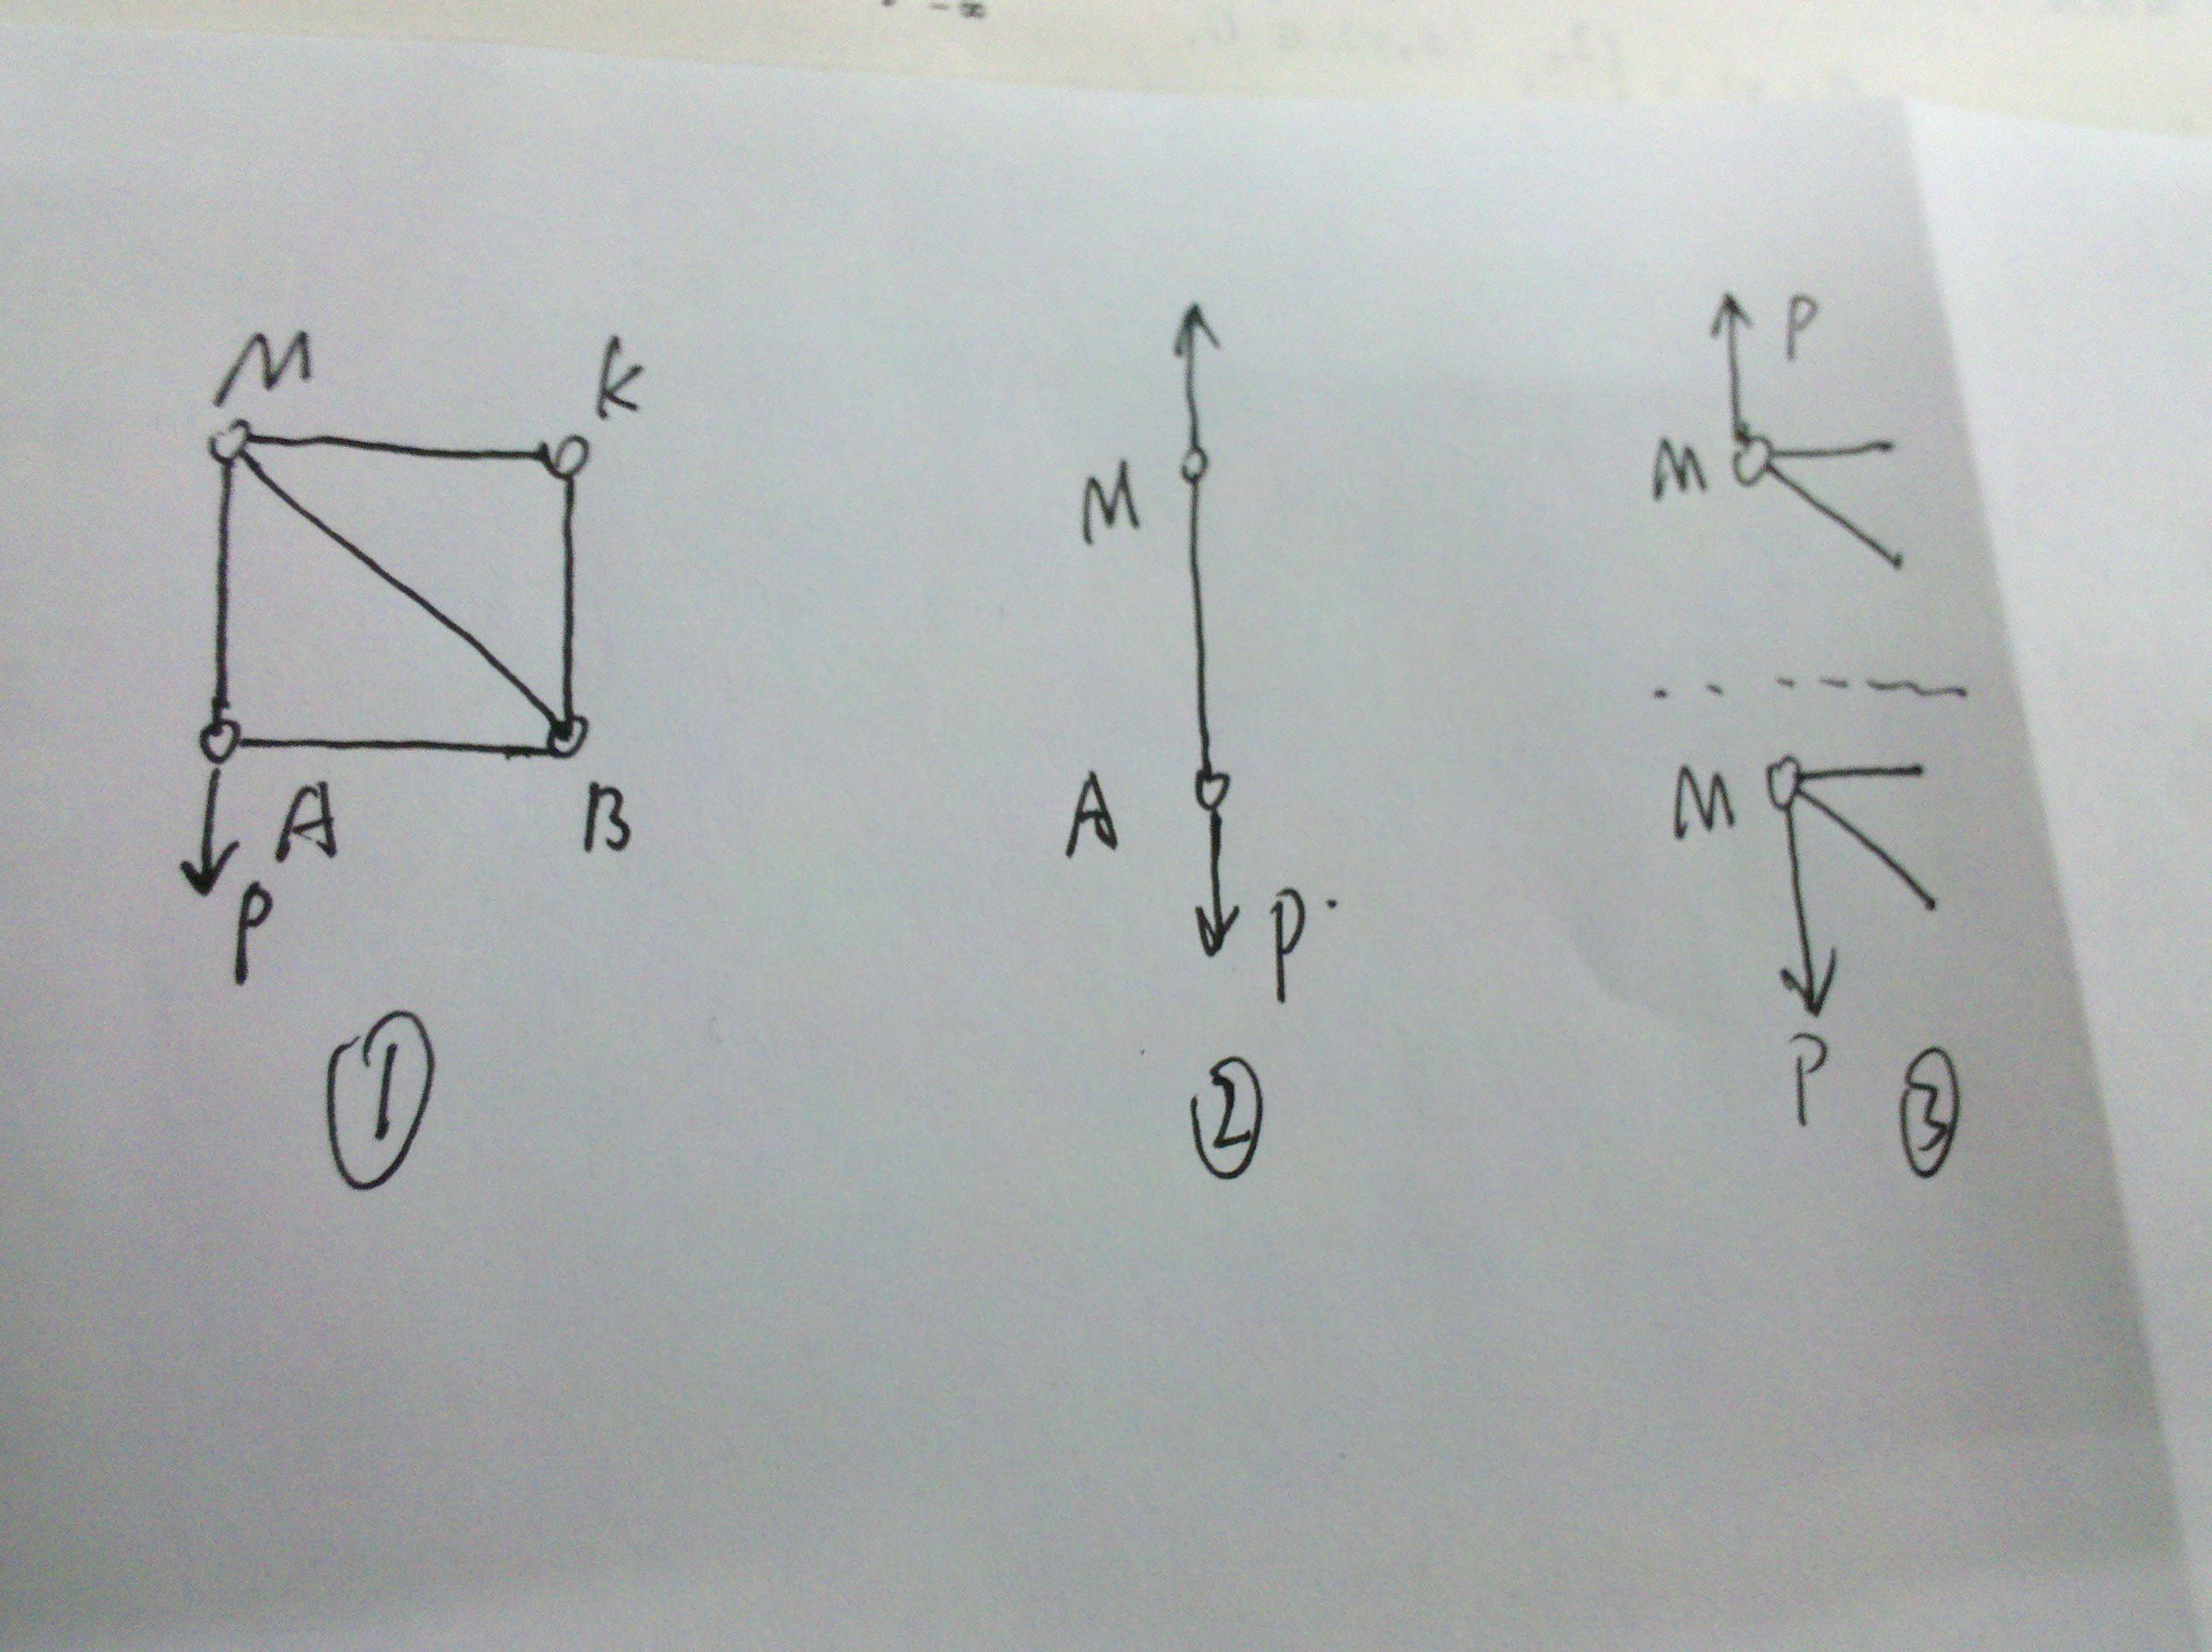 结构力学 桁架内力计算问题 ,如图,求1,2杆内力. 重点